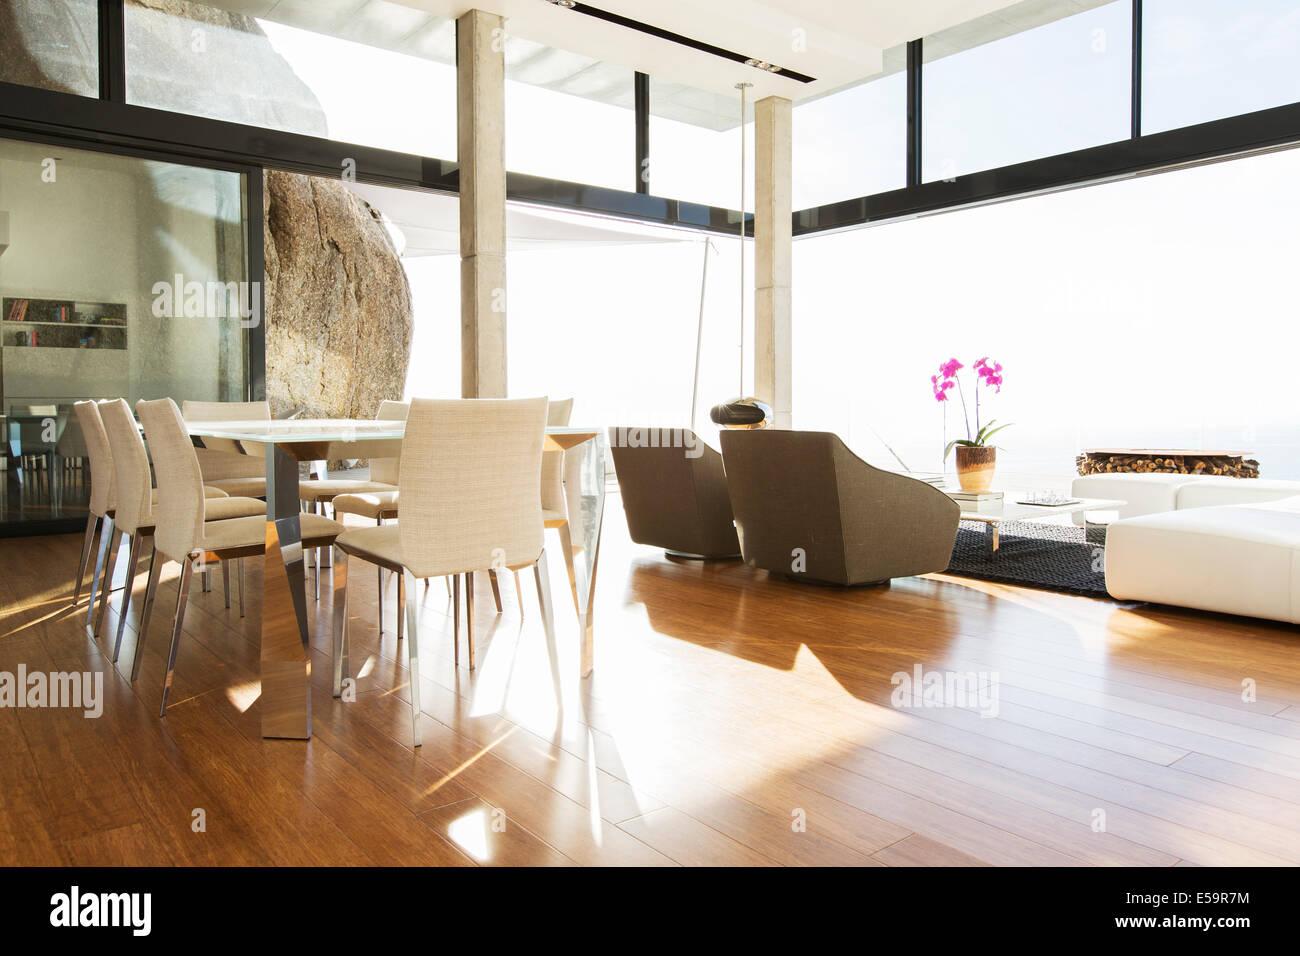 Zona Pranzo Moderna.Zona Pranzo E Soggiorno In Casa Moderna Foto Immagine